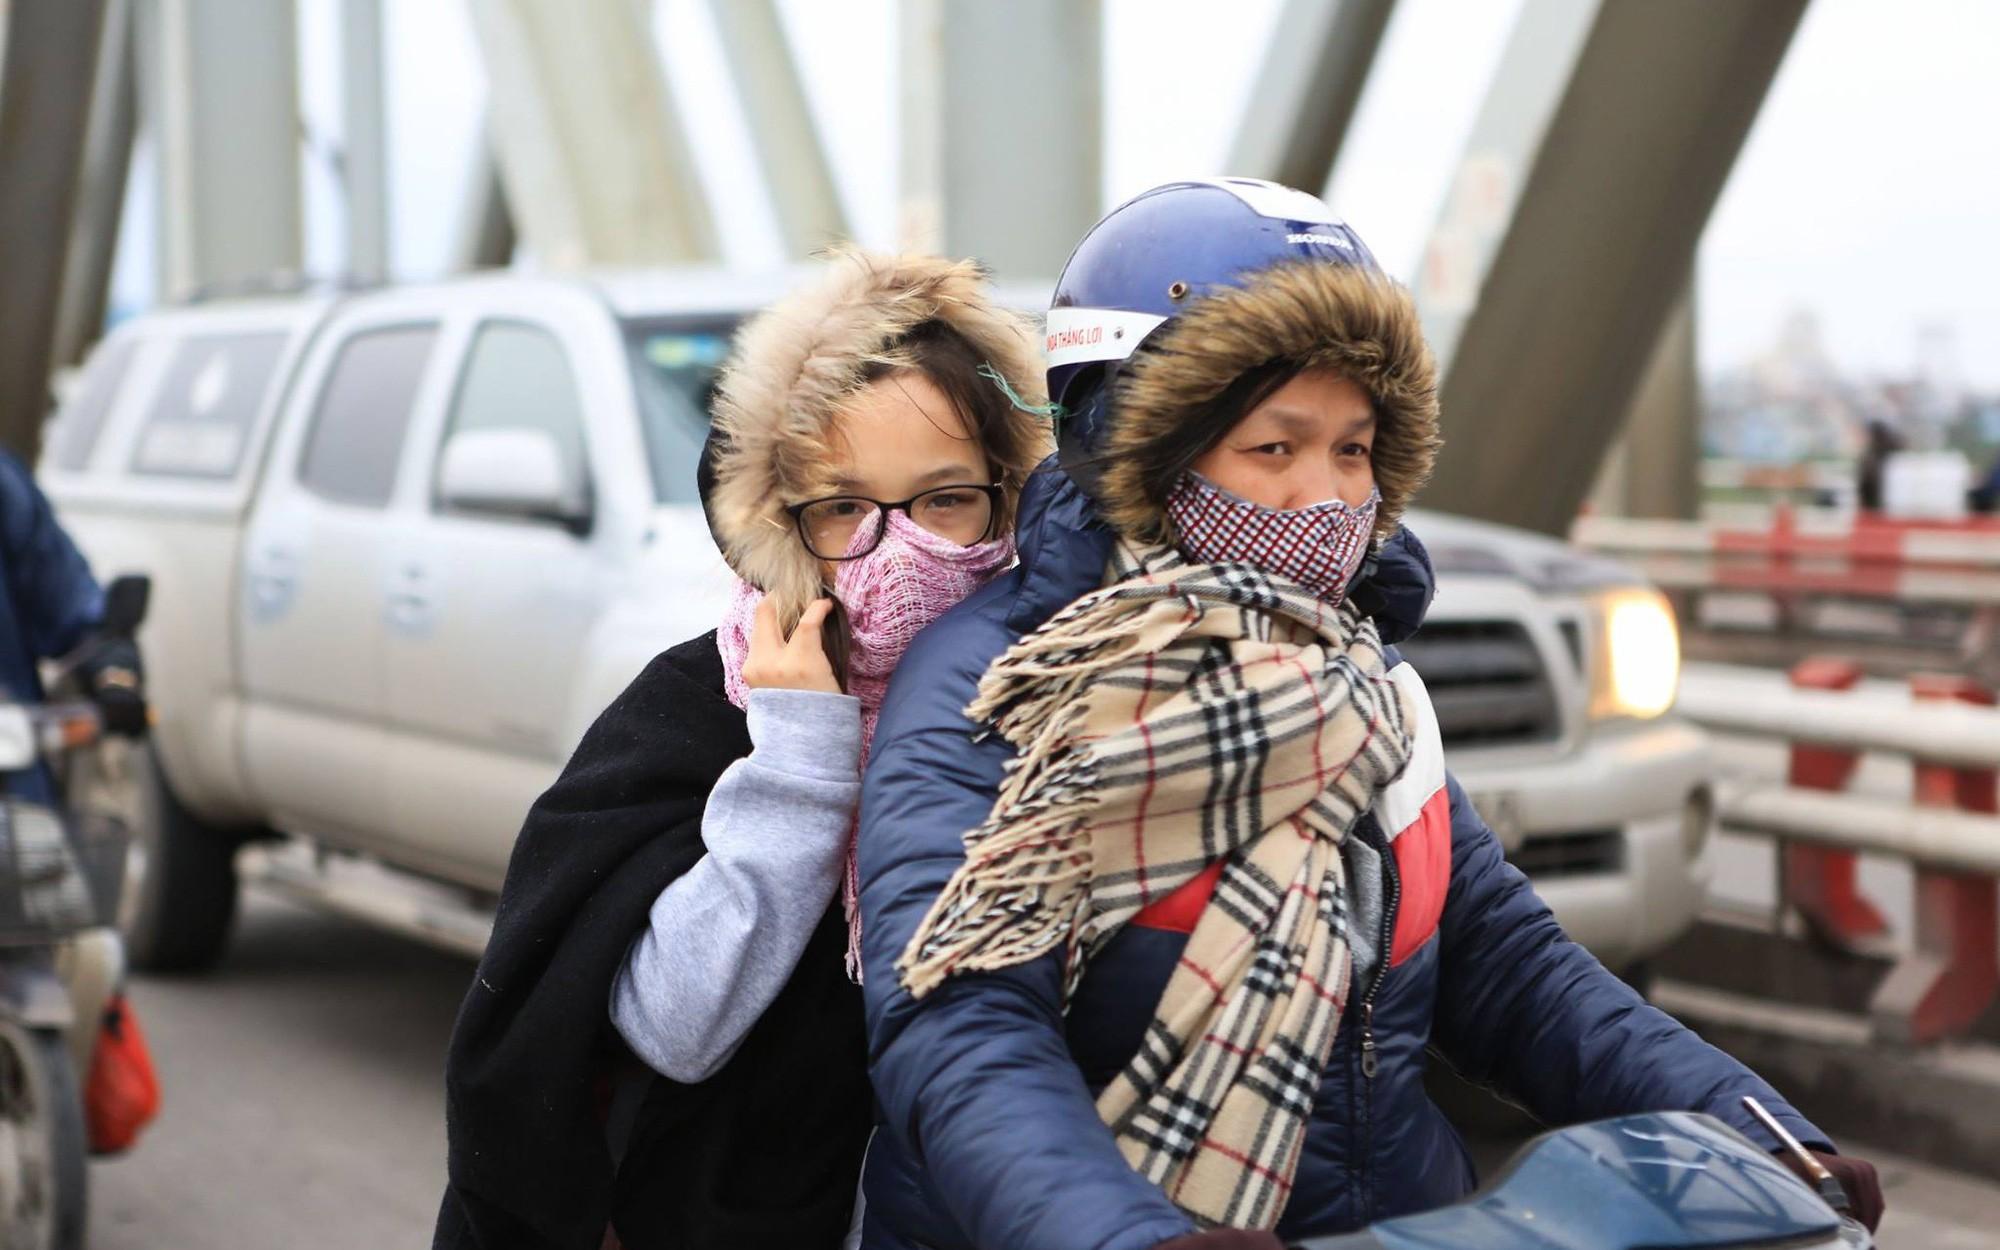 Miền Bắc rét đậm rét hại, Hà Nội nhiệt độ giảm mạnh chỉ còn 9 độ, Fansipan xuống 0 độ nguy cơ xuất hiện băng tuyết